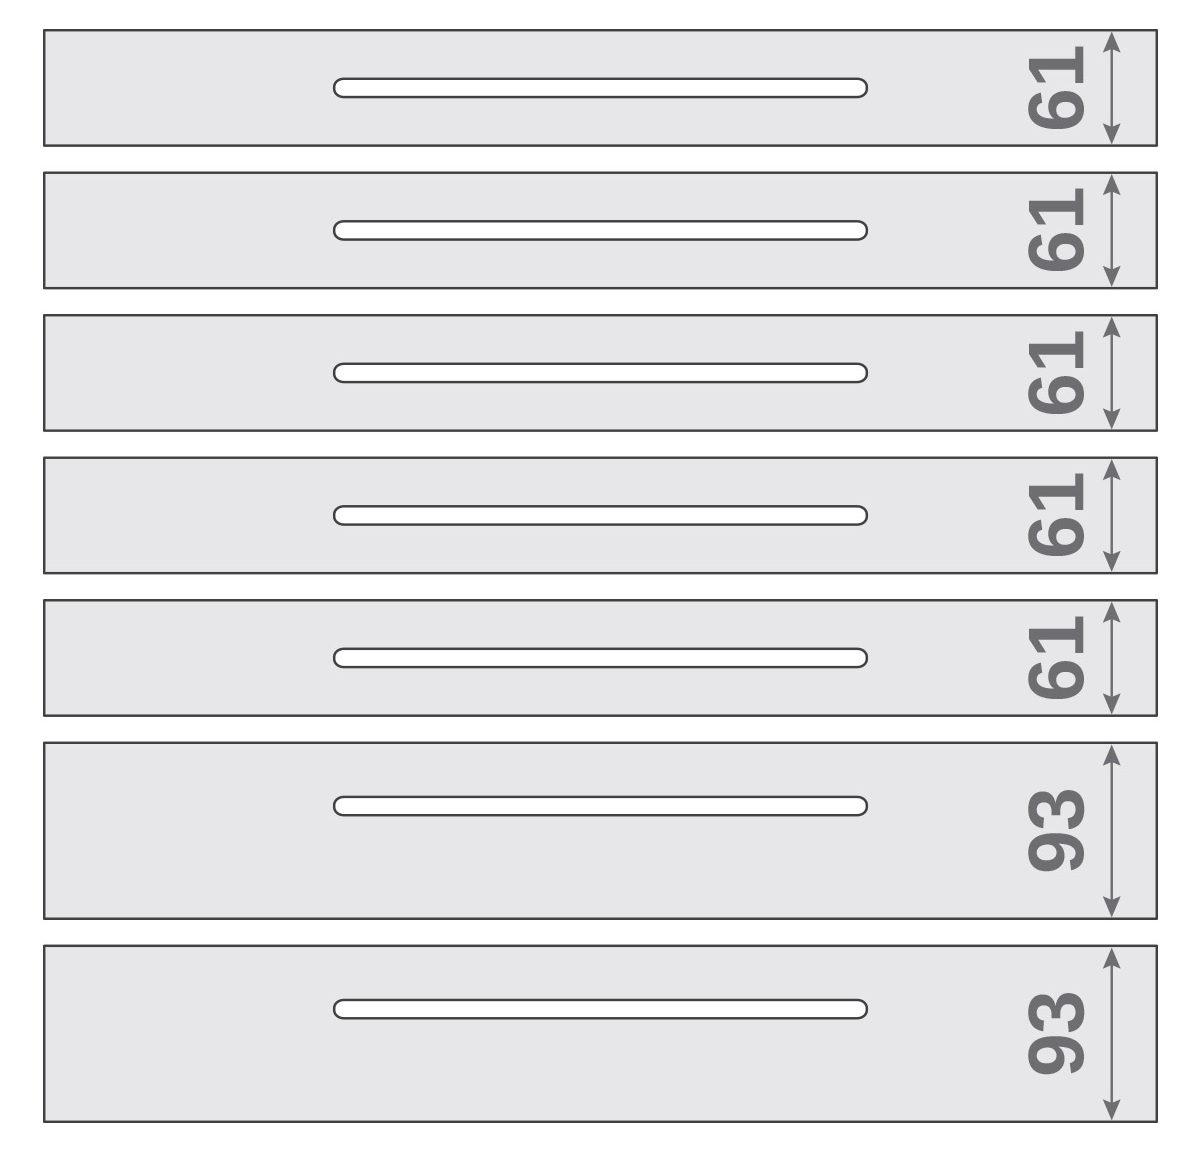 ПАНОК-СОЛО 600 long (каталожний номер 15.1-15.6), Каталожний номер 15.6